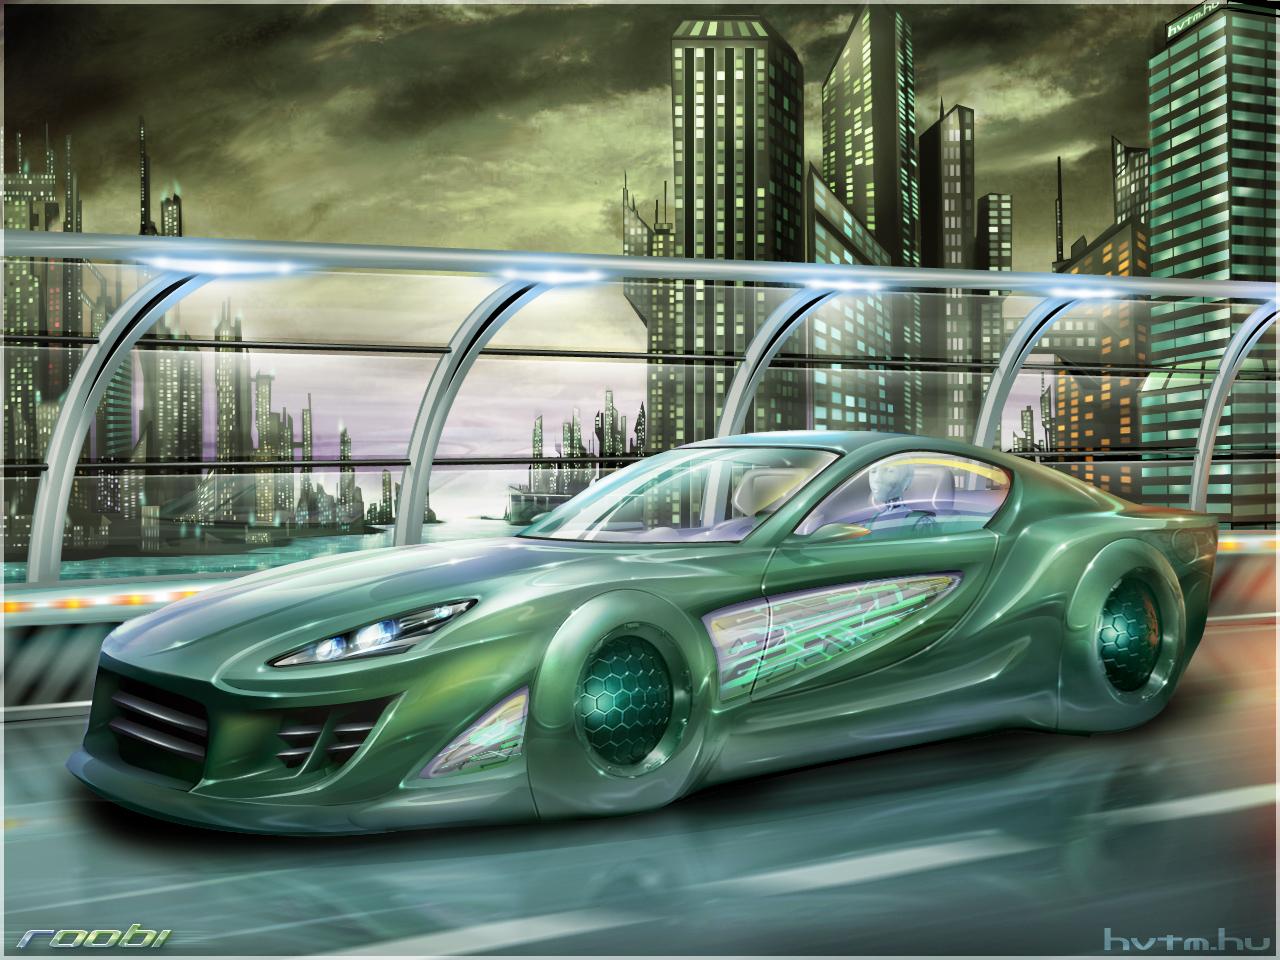 Saab Sonett III Future Tuning by roobi